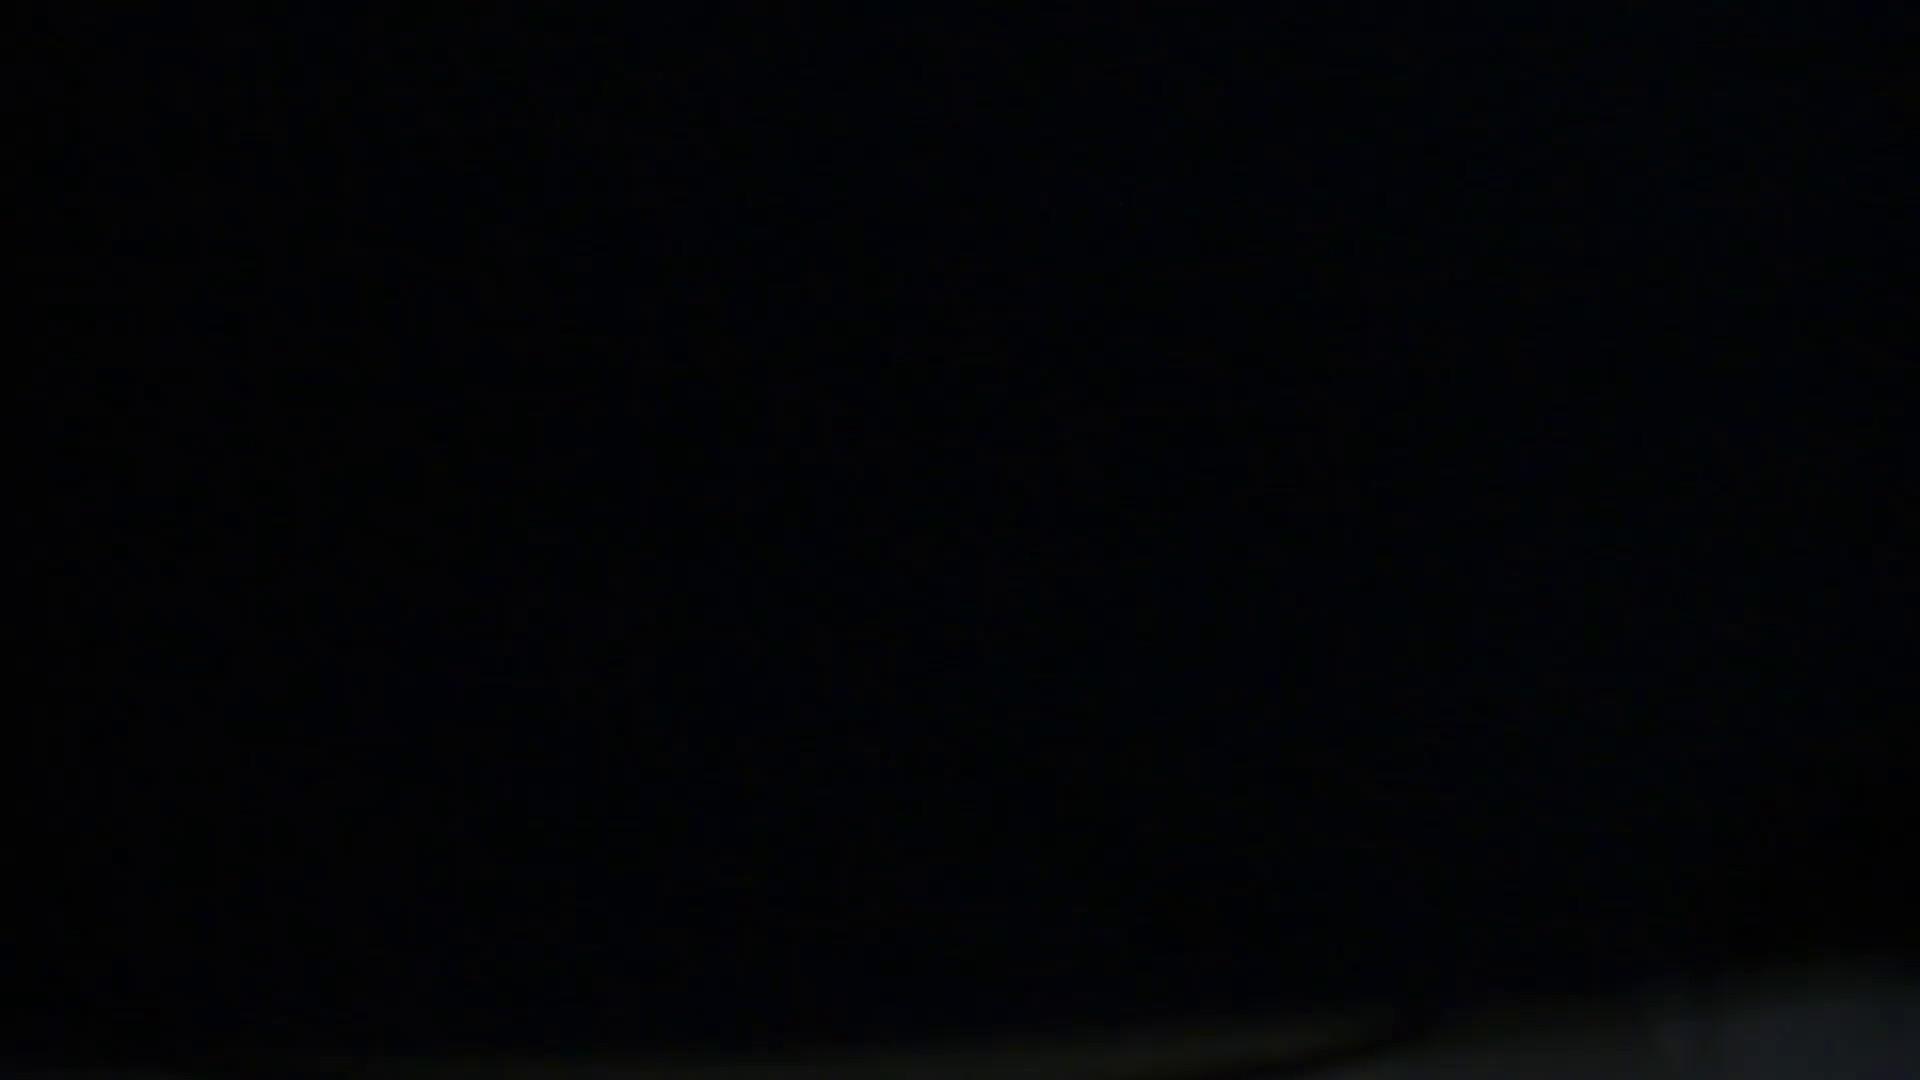 JD盗撮 美女の洗面所の秘密 Vol.78 高評価 AV無料 89画像 87